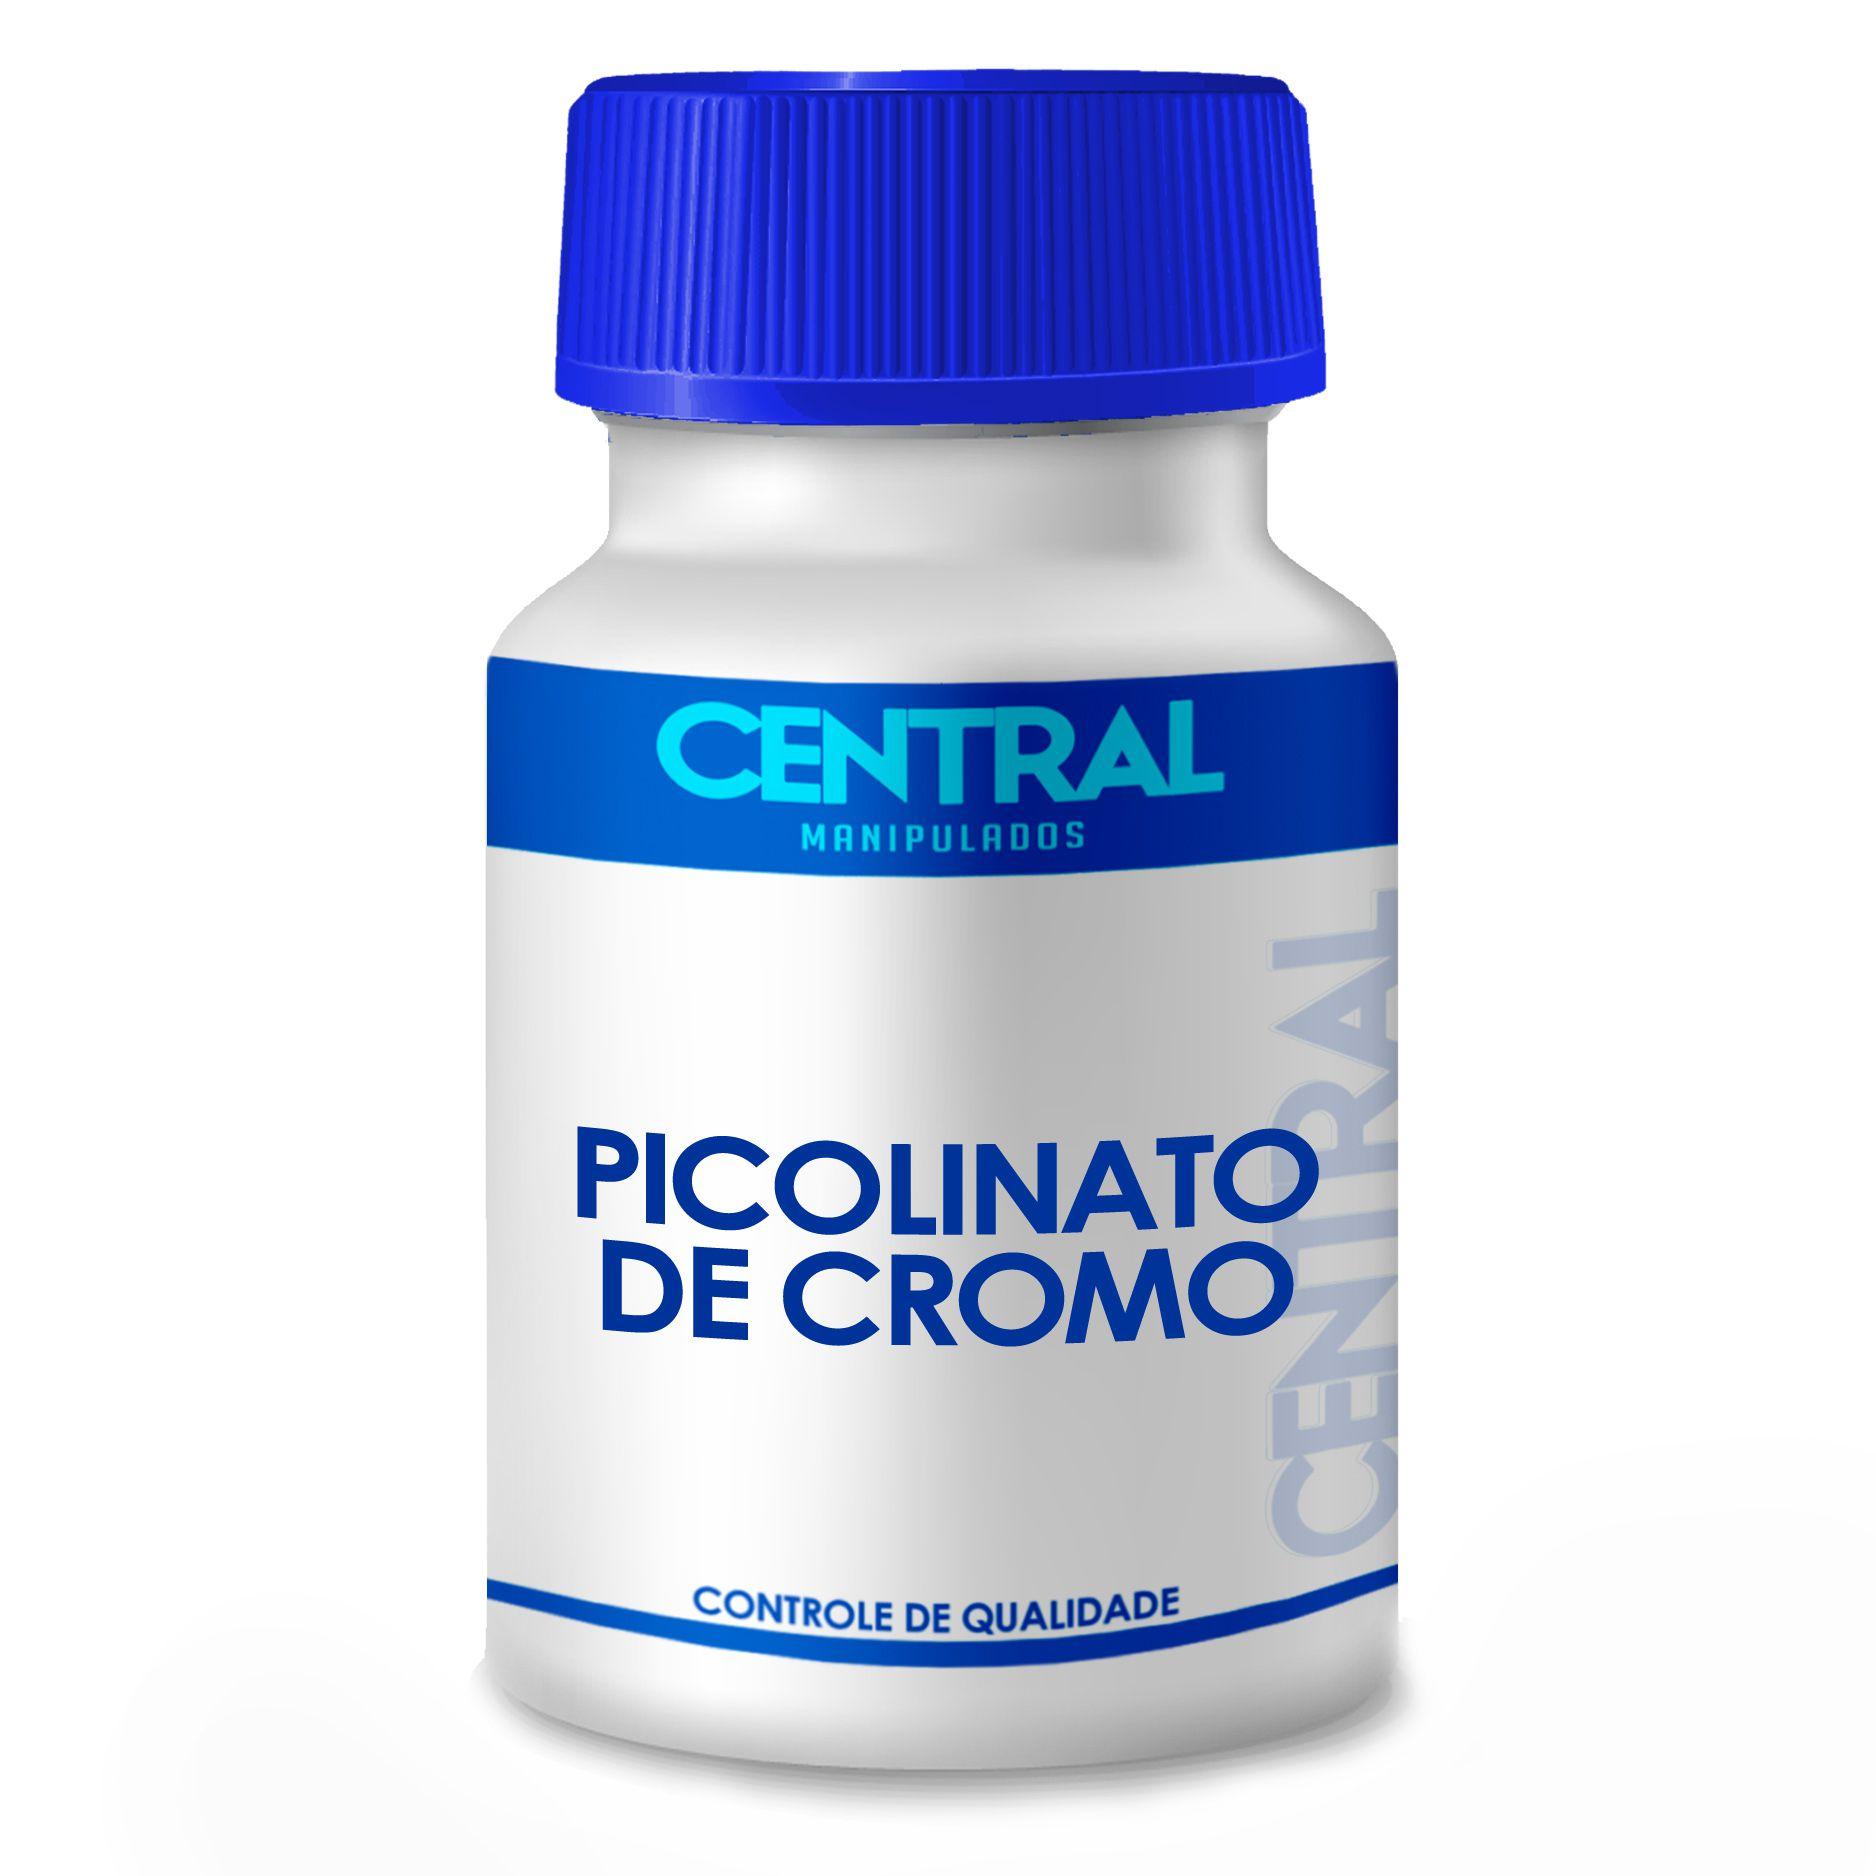 Picolinato de Cromo - Reduz Vontade por Doces - 350mcg  - 60 cápsulas